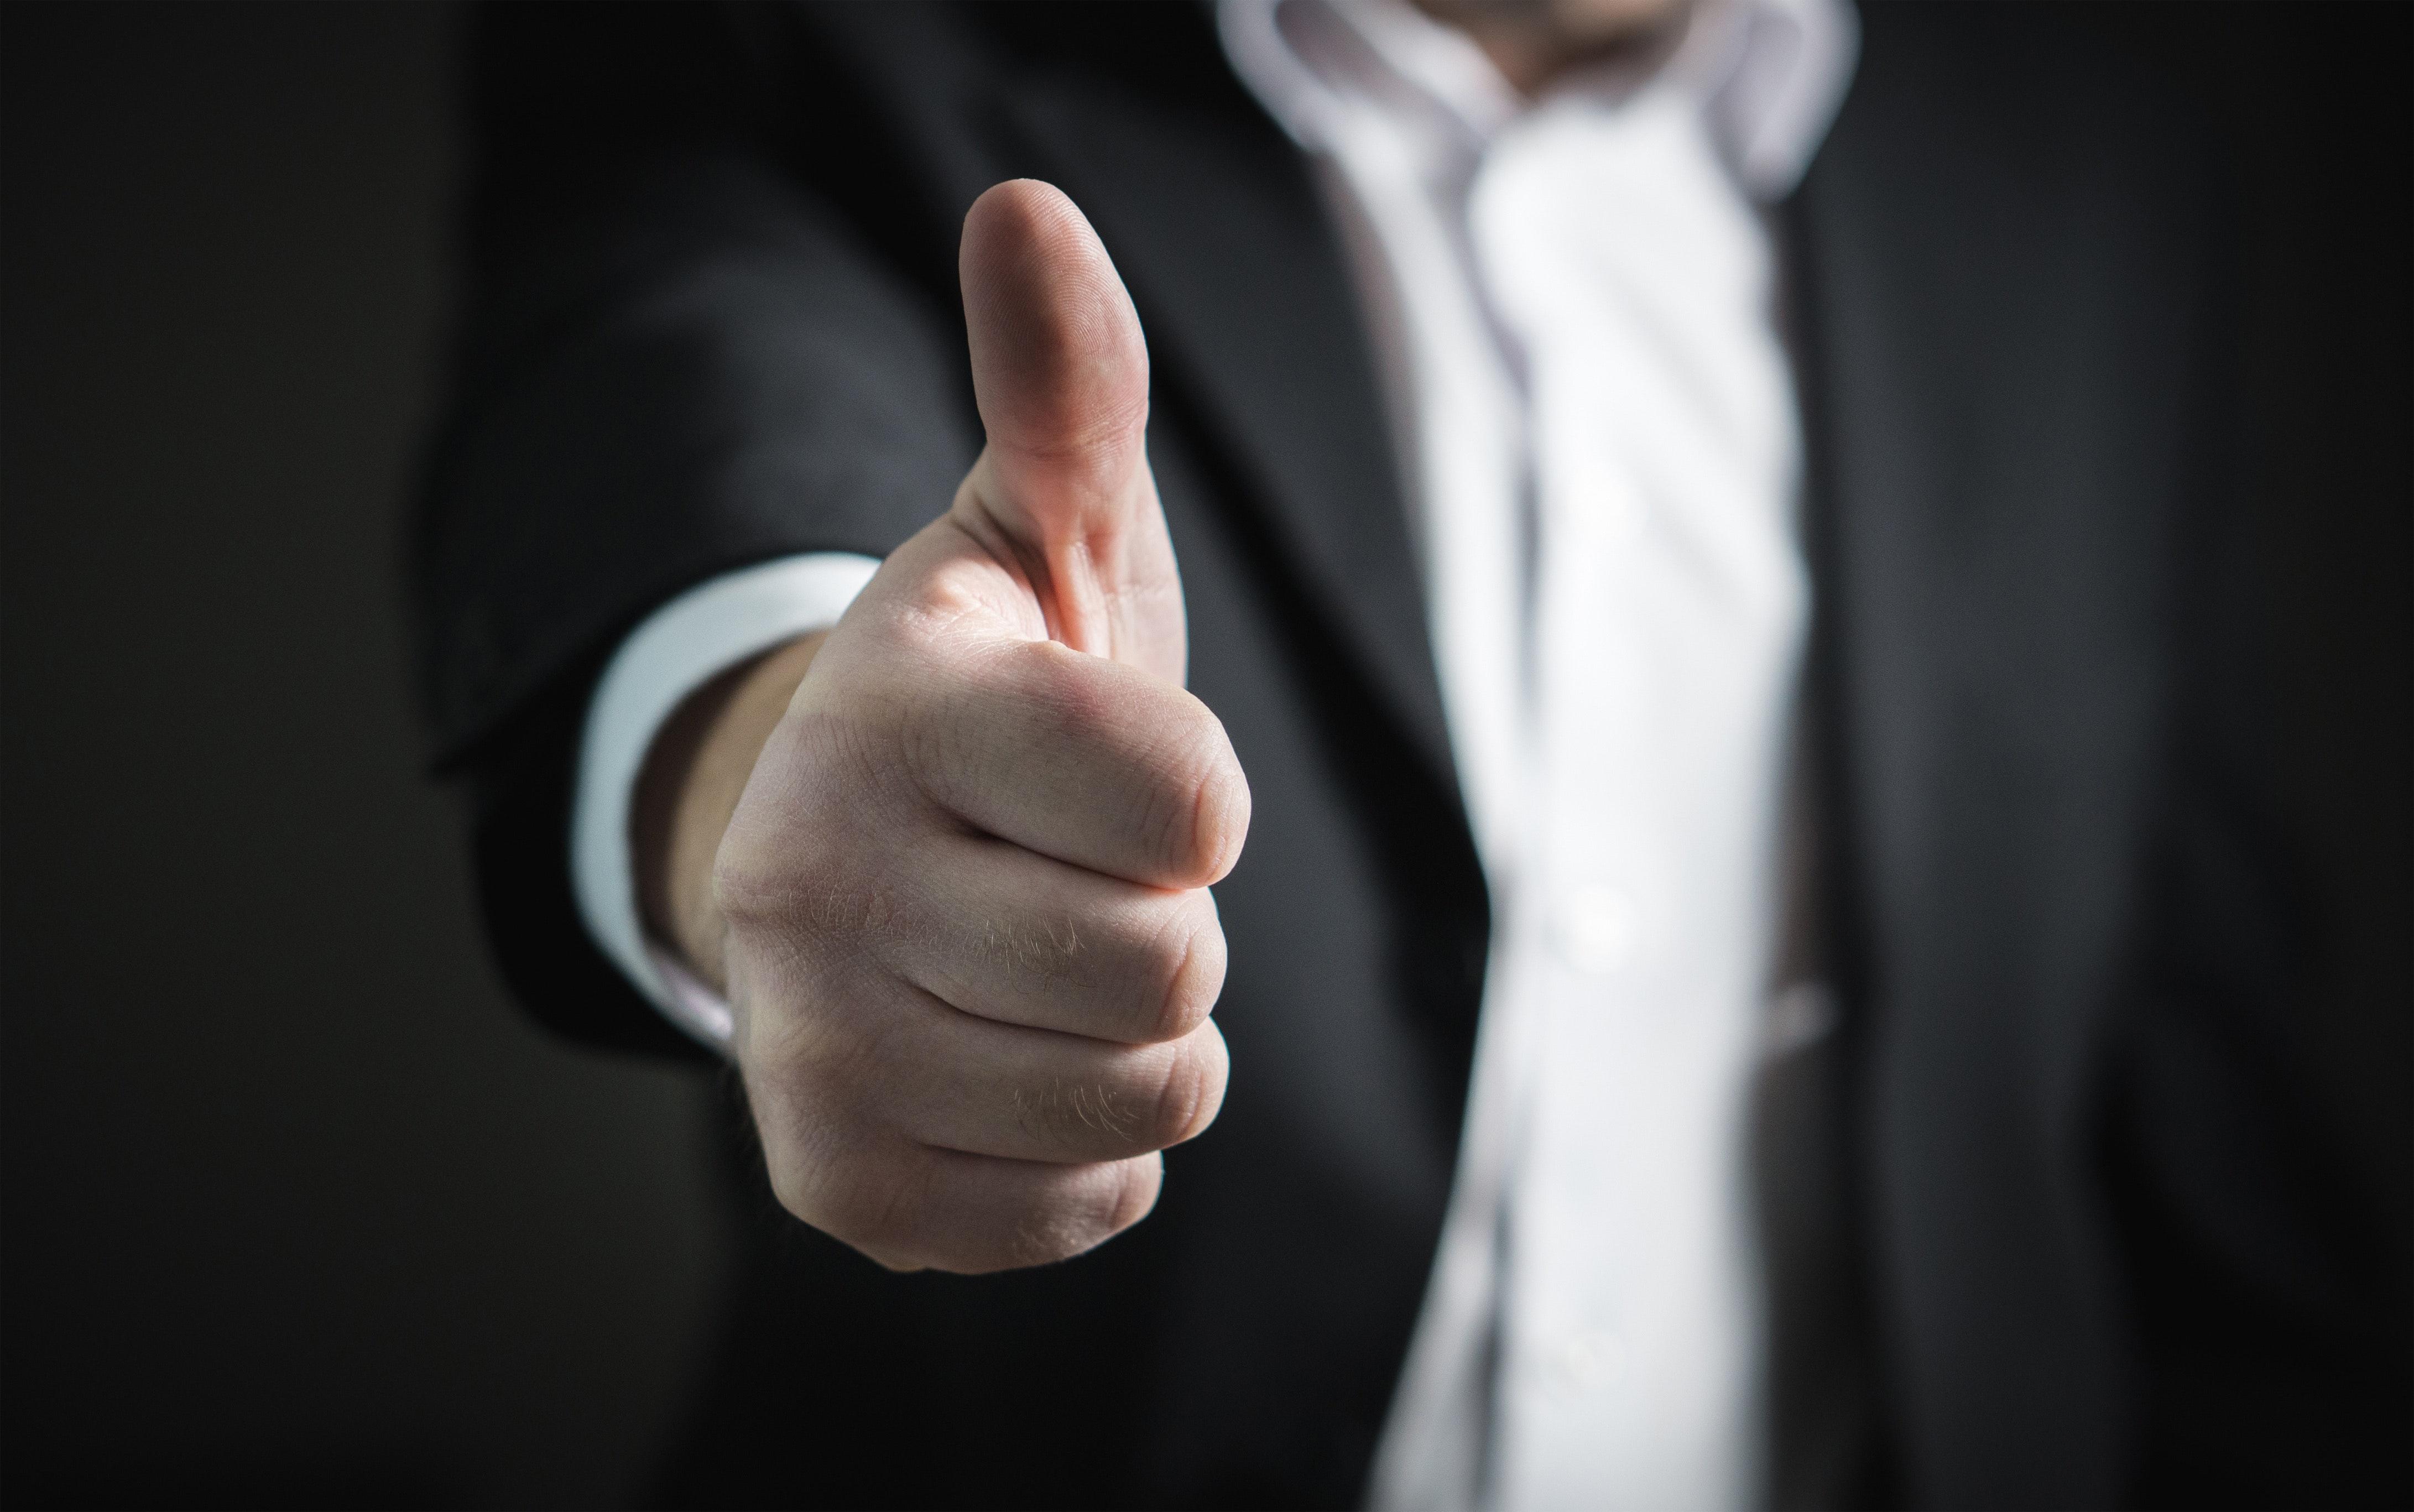 就活で面接官の評価を上げる効果的な自己紹介の仕方とは